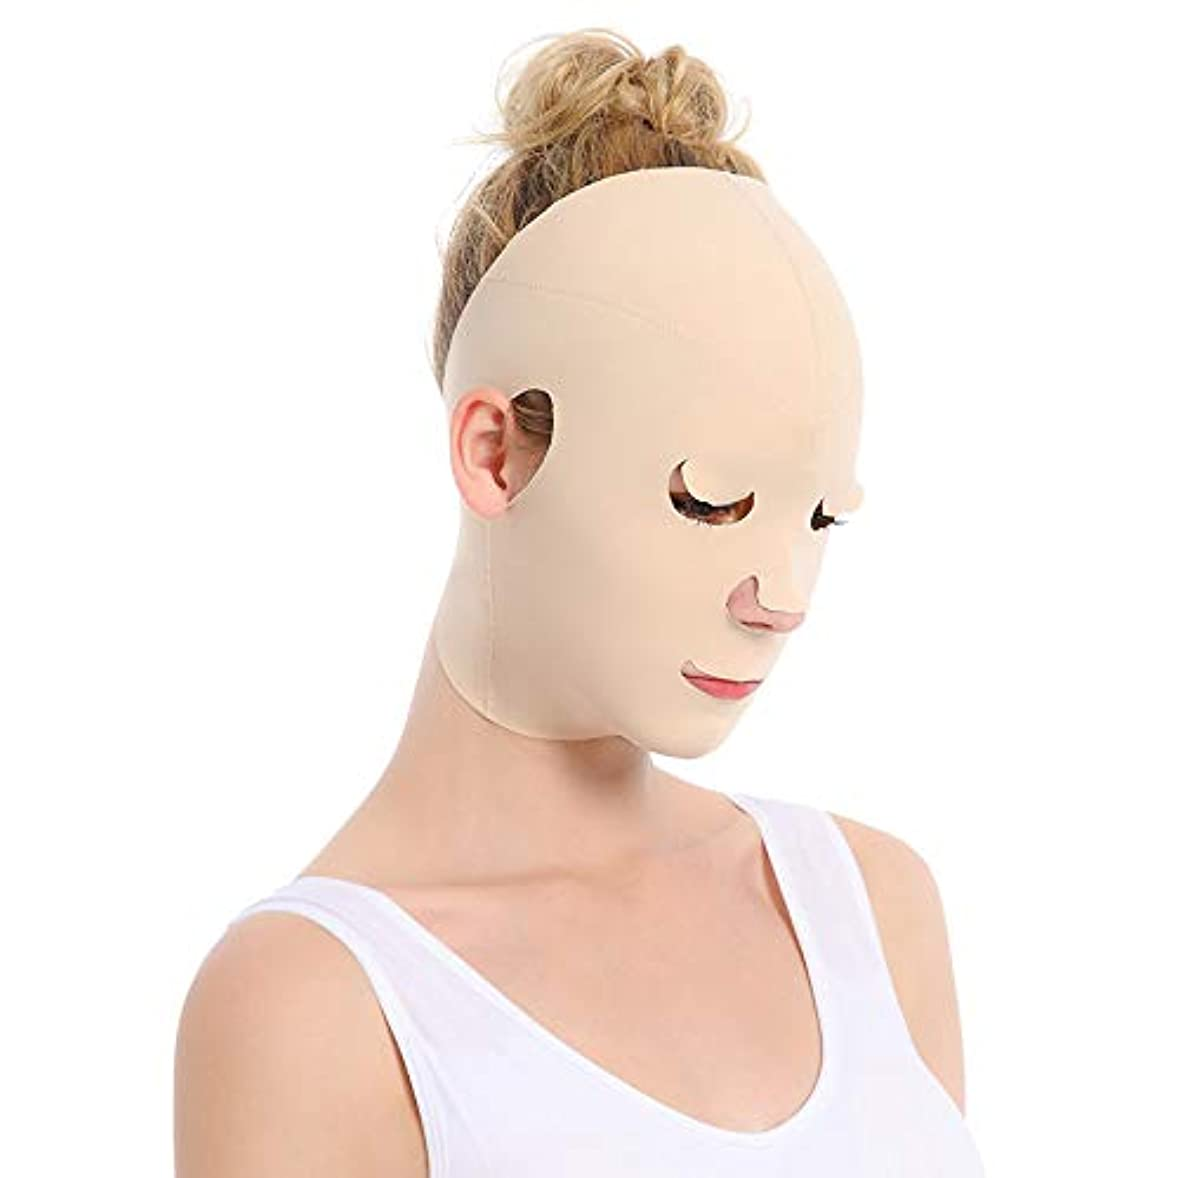 咳アソシエイト被る小さな顔ツールv顔包帯薄い顔美容マスク怠惰な睡眠マスク男性と女性のV顔包帯整形引き締め顔薄い二重あご